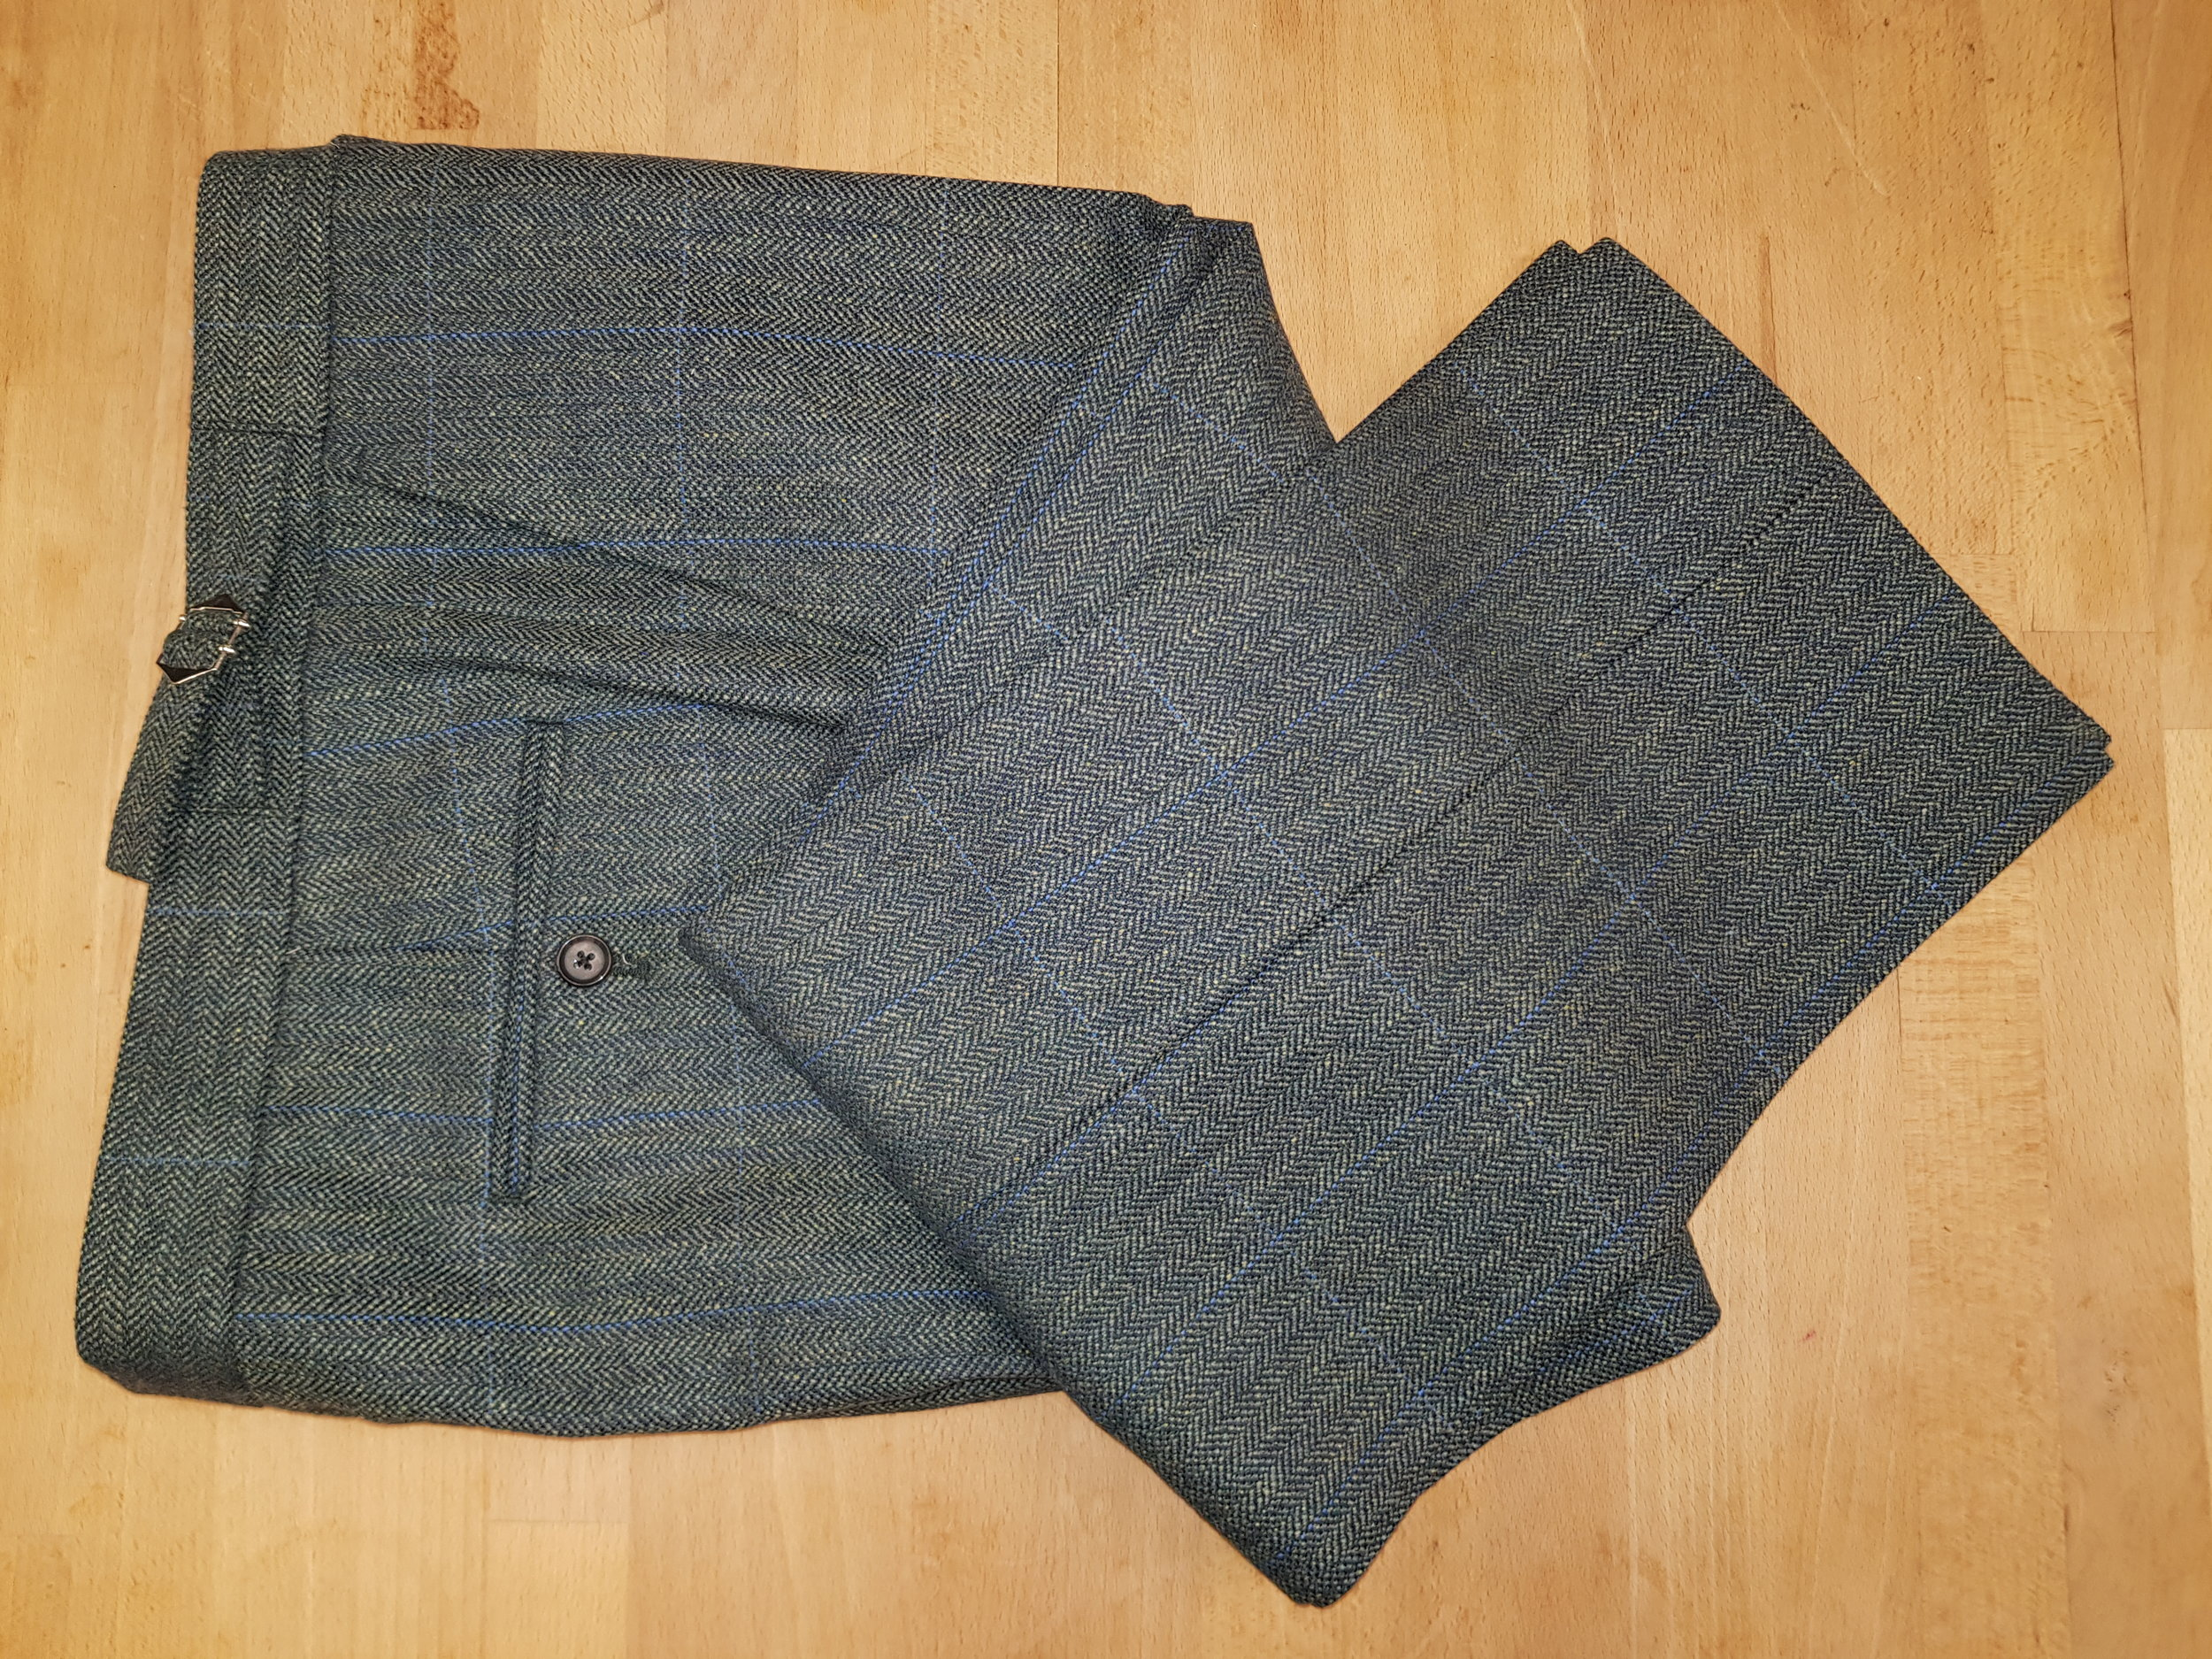 3 Piece Herringbone and check tweed suit (14).jpg